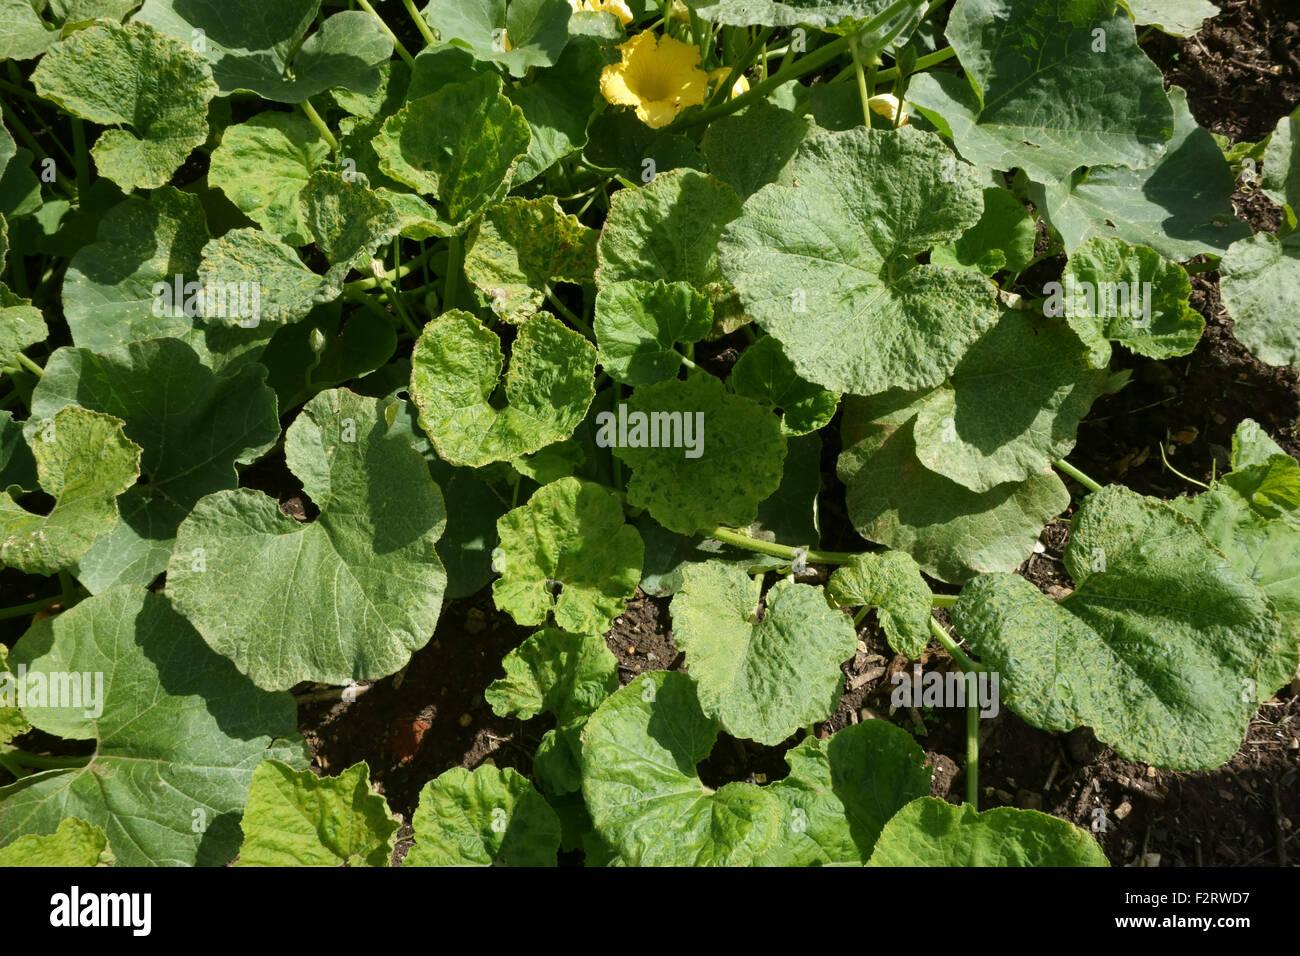 Cucumber mosaic virus (CMV, síntomas en una planta de calabaza, Cucurbita spp., Hampshire, en agosto. Imagen De Stock